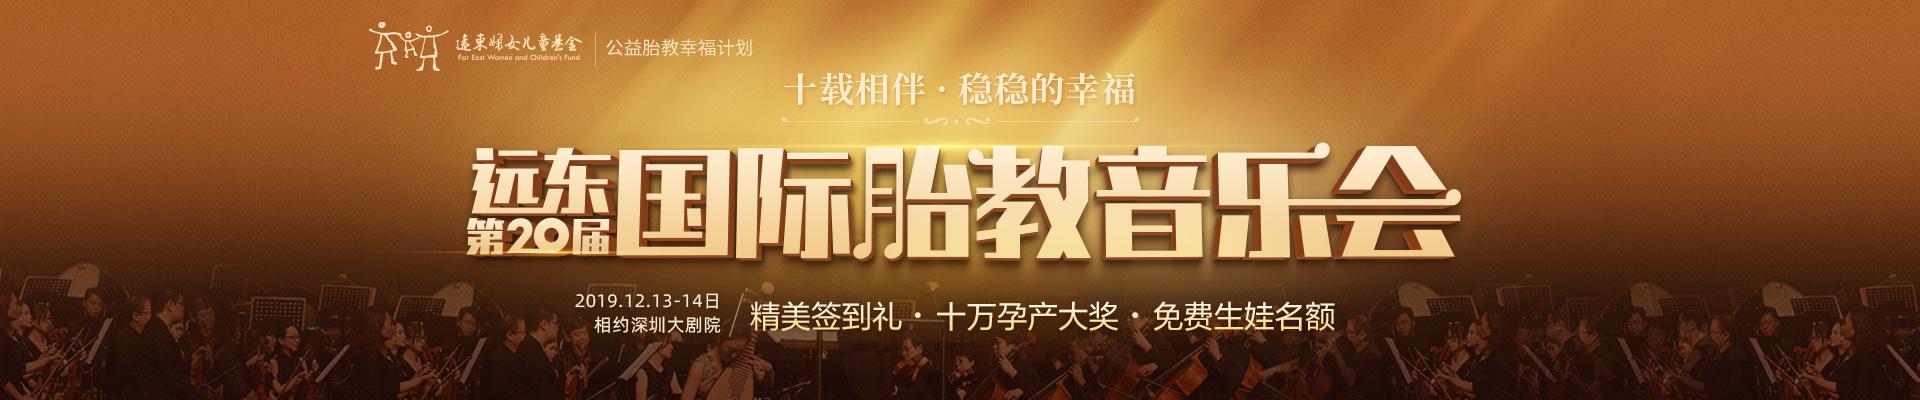 20届胎教音乐会